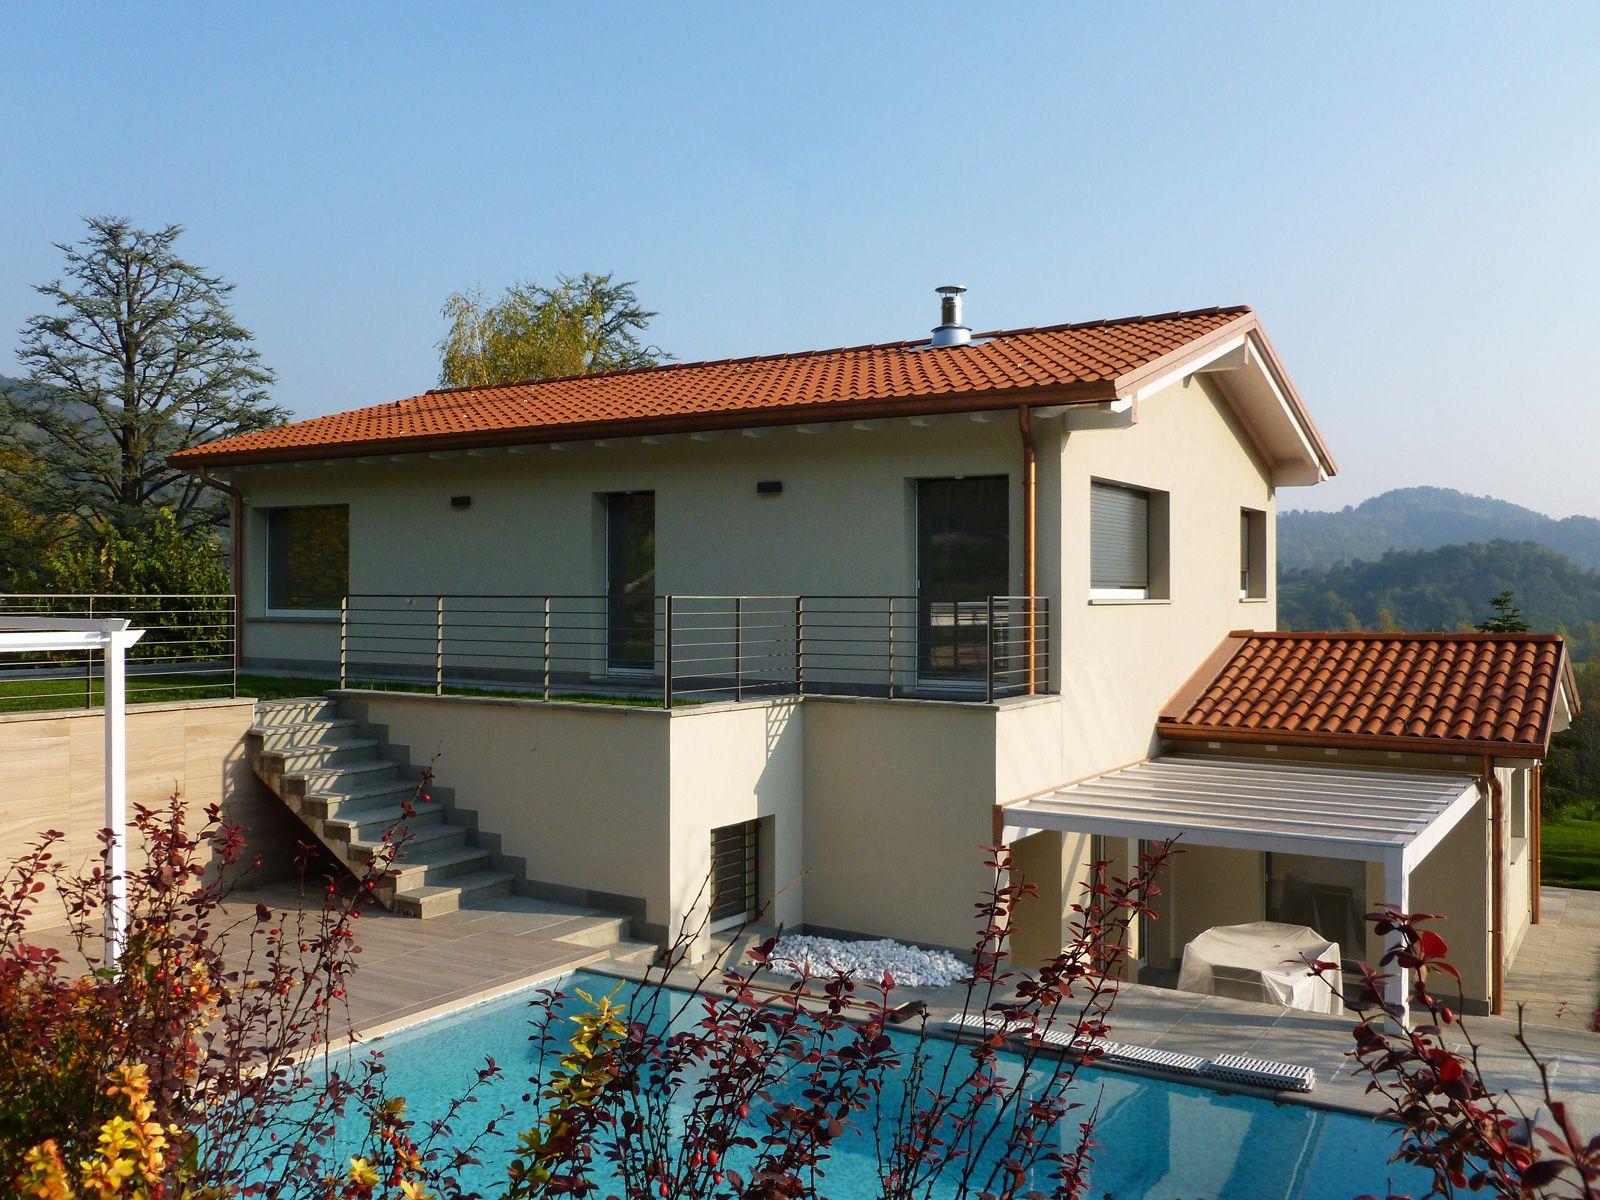 Favolosa villa in legno con piscina Caprino (BG) Villa